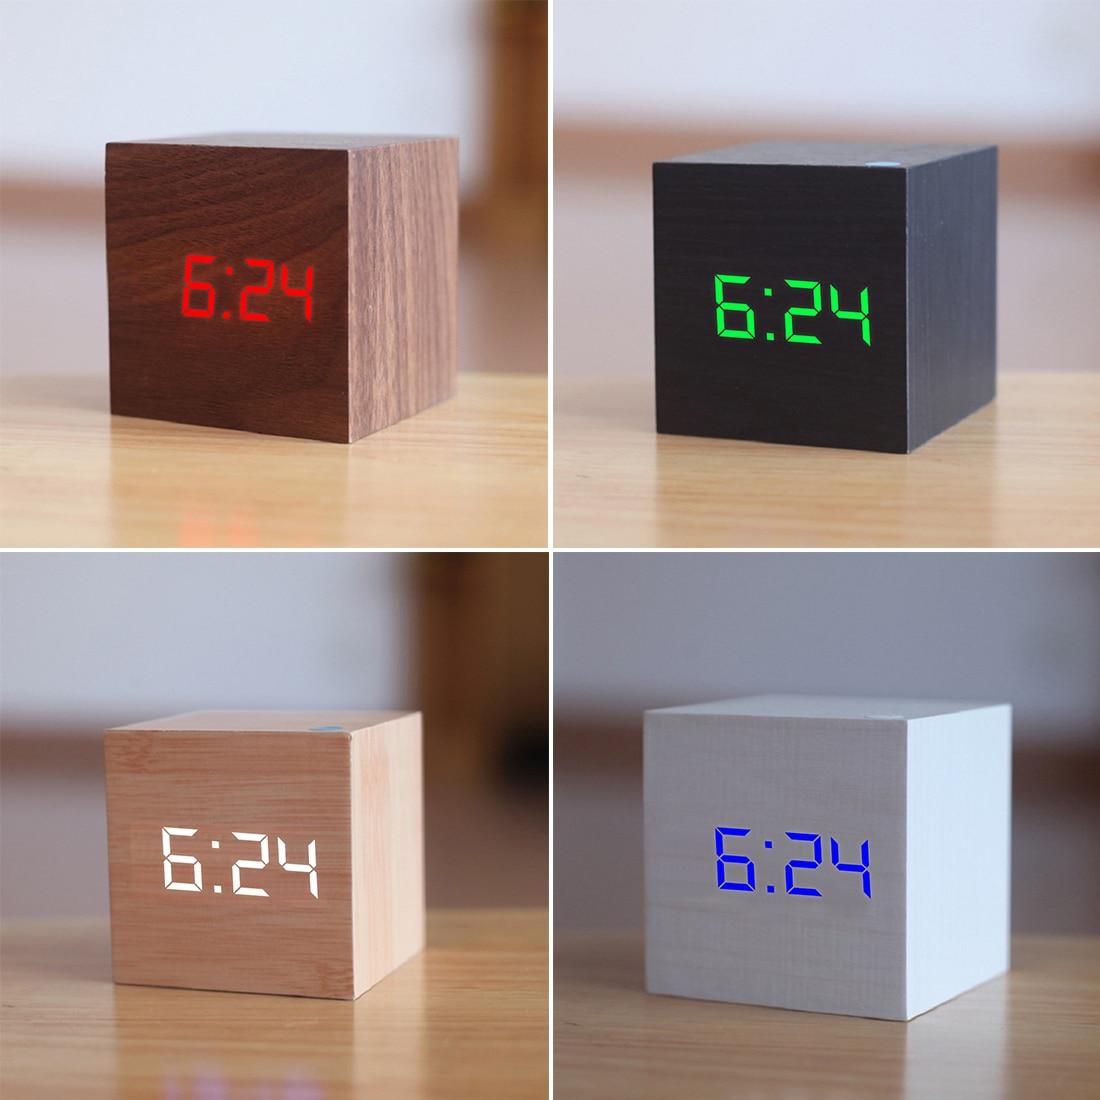 Multicolor Klingt Steuer Holz Digitale Uhr Holz LED Schreibtisch Wecker Thermometer Timer Kalender Tabelle Decor